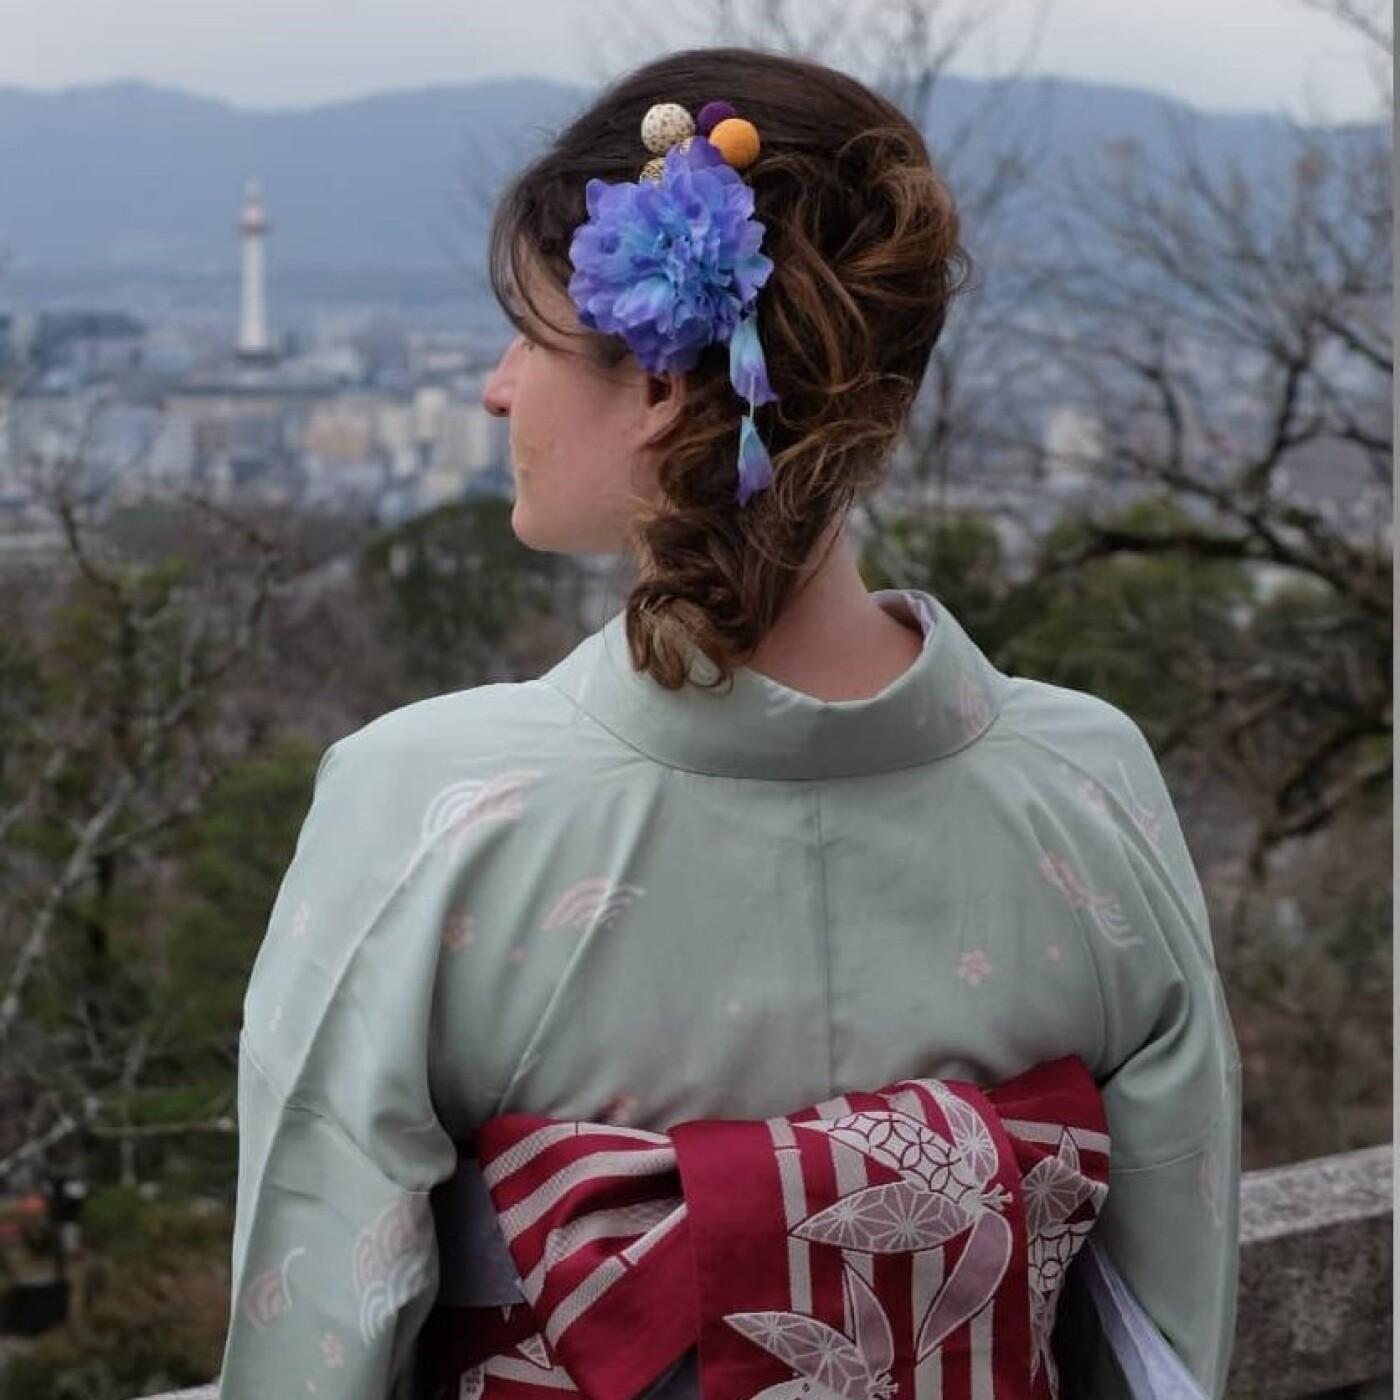 Témoignage - Laurie a fait 4 PVTs, actuellement elle est au Japon- Carte Postale PVT Mars 2021 - StereoChic Radio